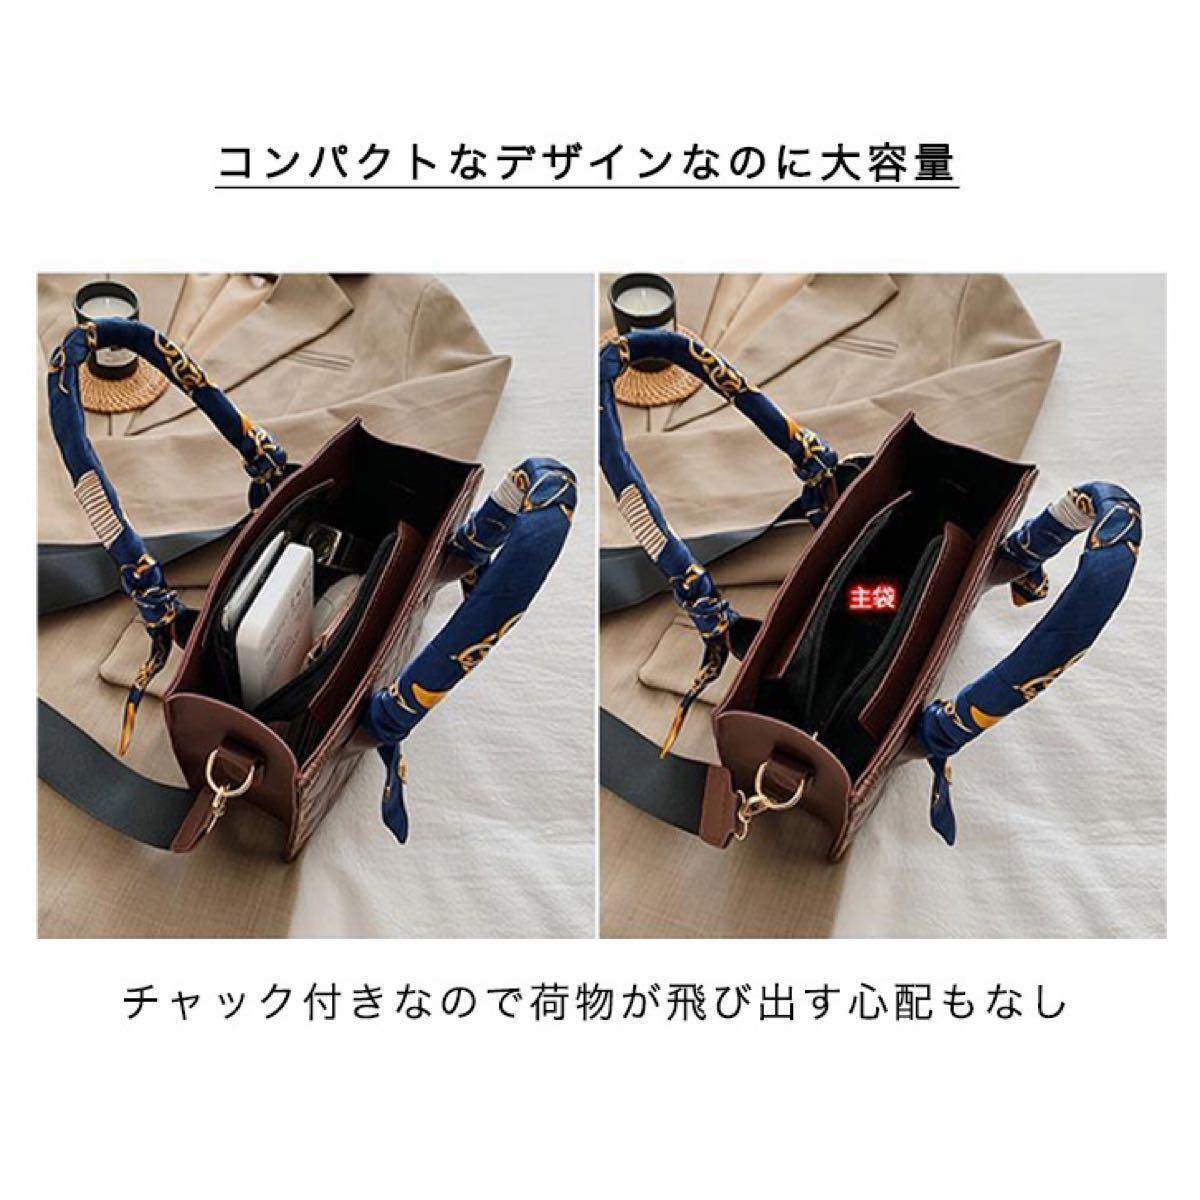 レディースバッグ ハンドバッグ ショルダーバッグ トートバッグ 2way スカーフ おしゃれ 韓国